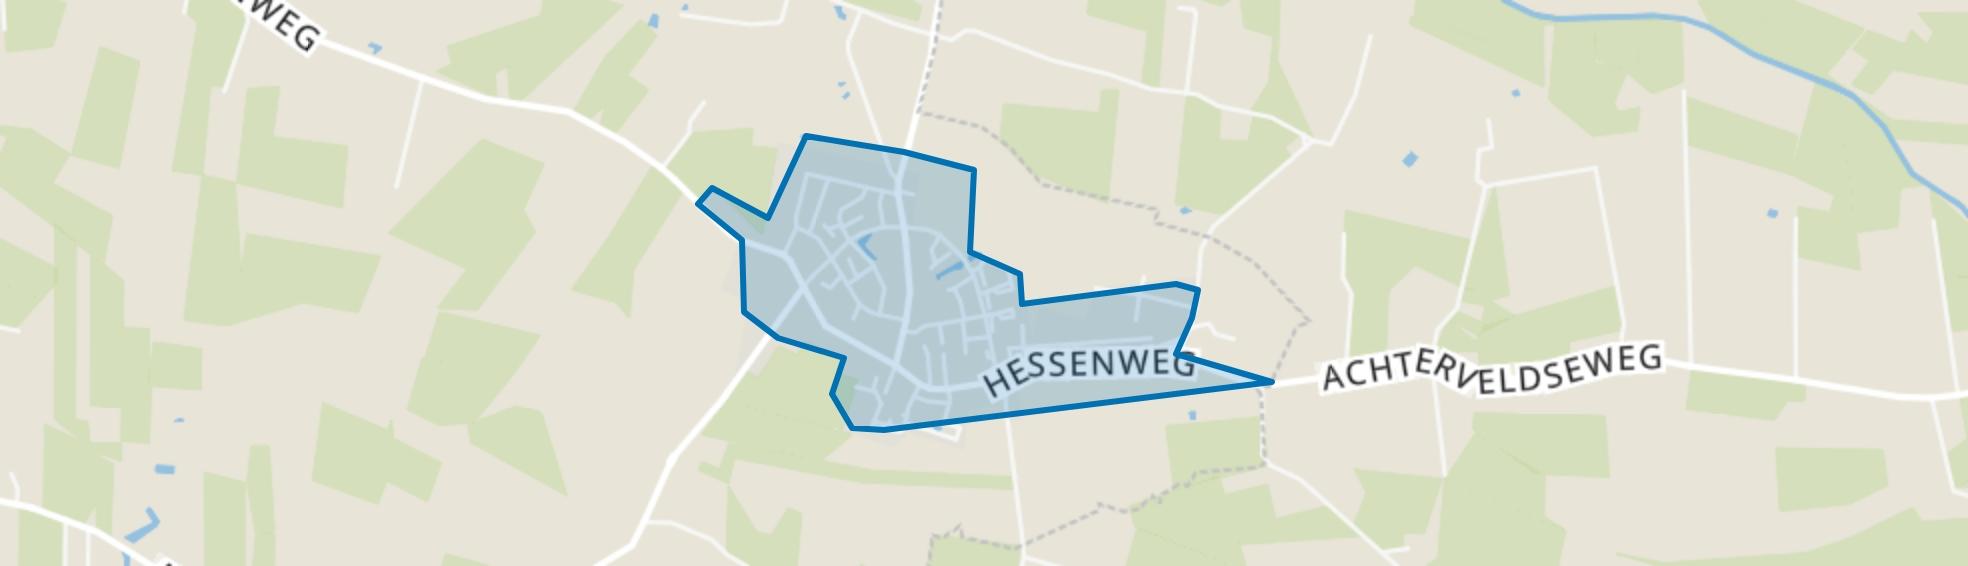 Kern Achterveld, Achterveld (UT) map